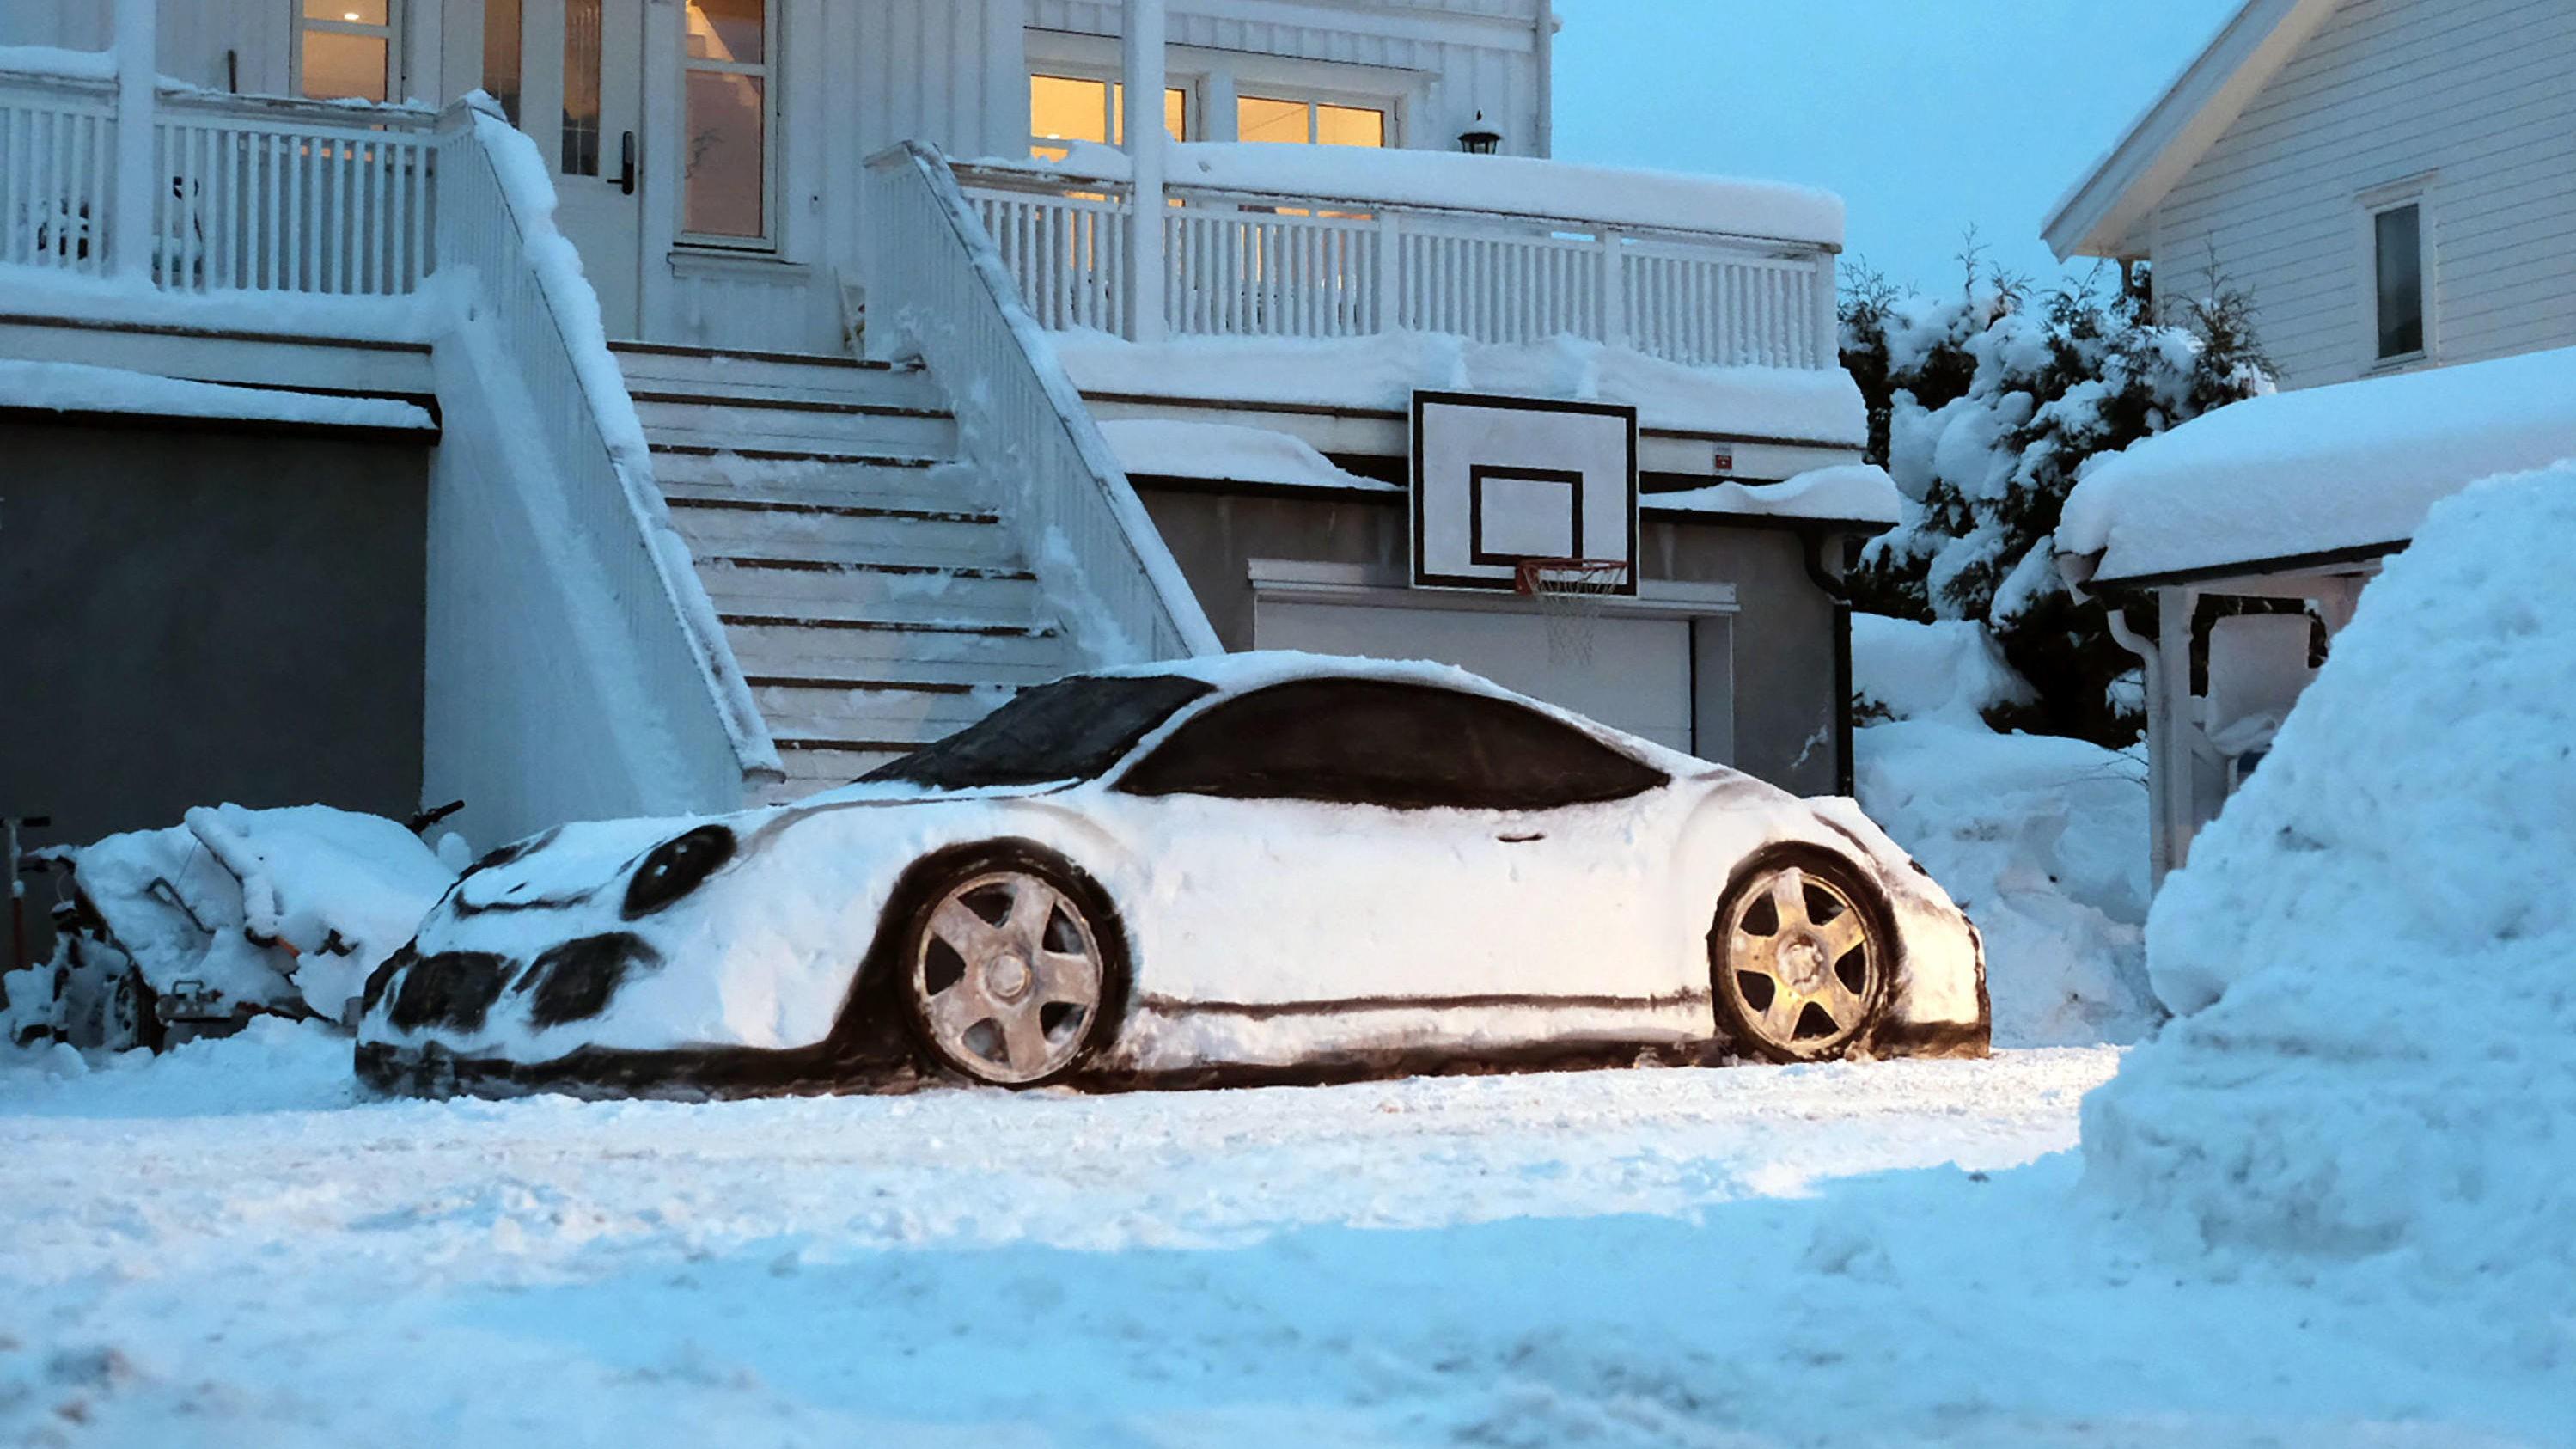 Denne «bilen» er det mange som har fått opp øynene for det siste døgnet. Snøbilen, som er en 1:1-utgave av Porsche 911, går akkurat nå sin seiersgang på sosiale medier.